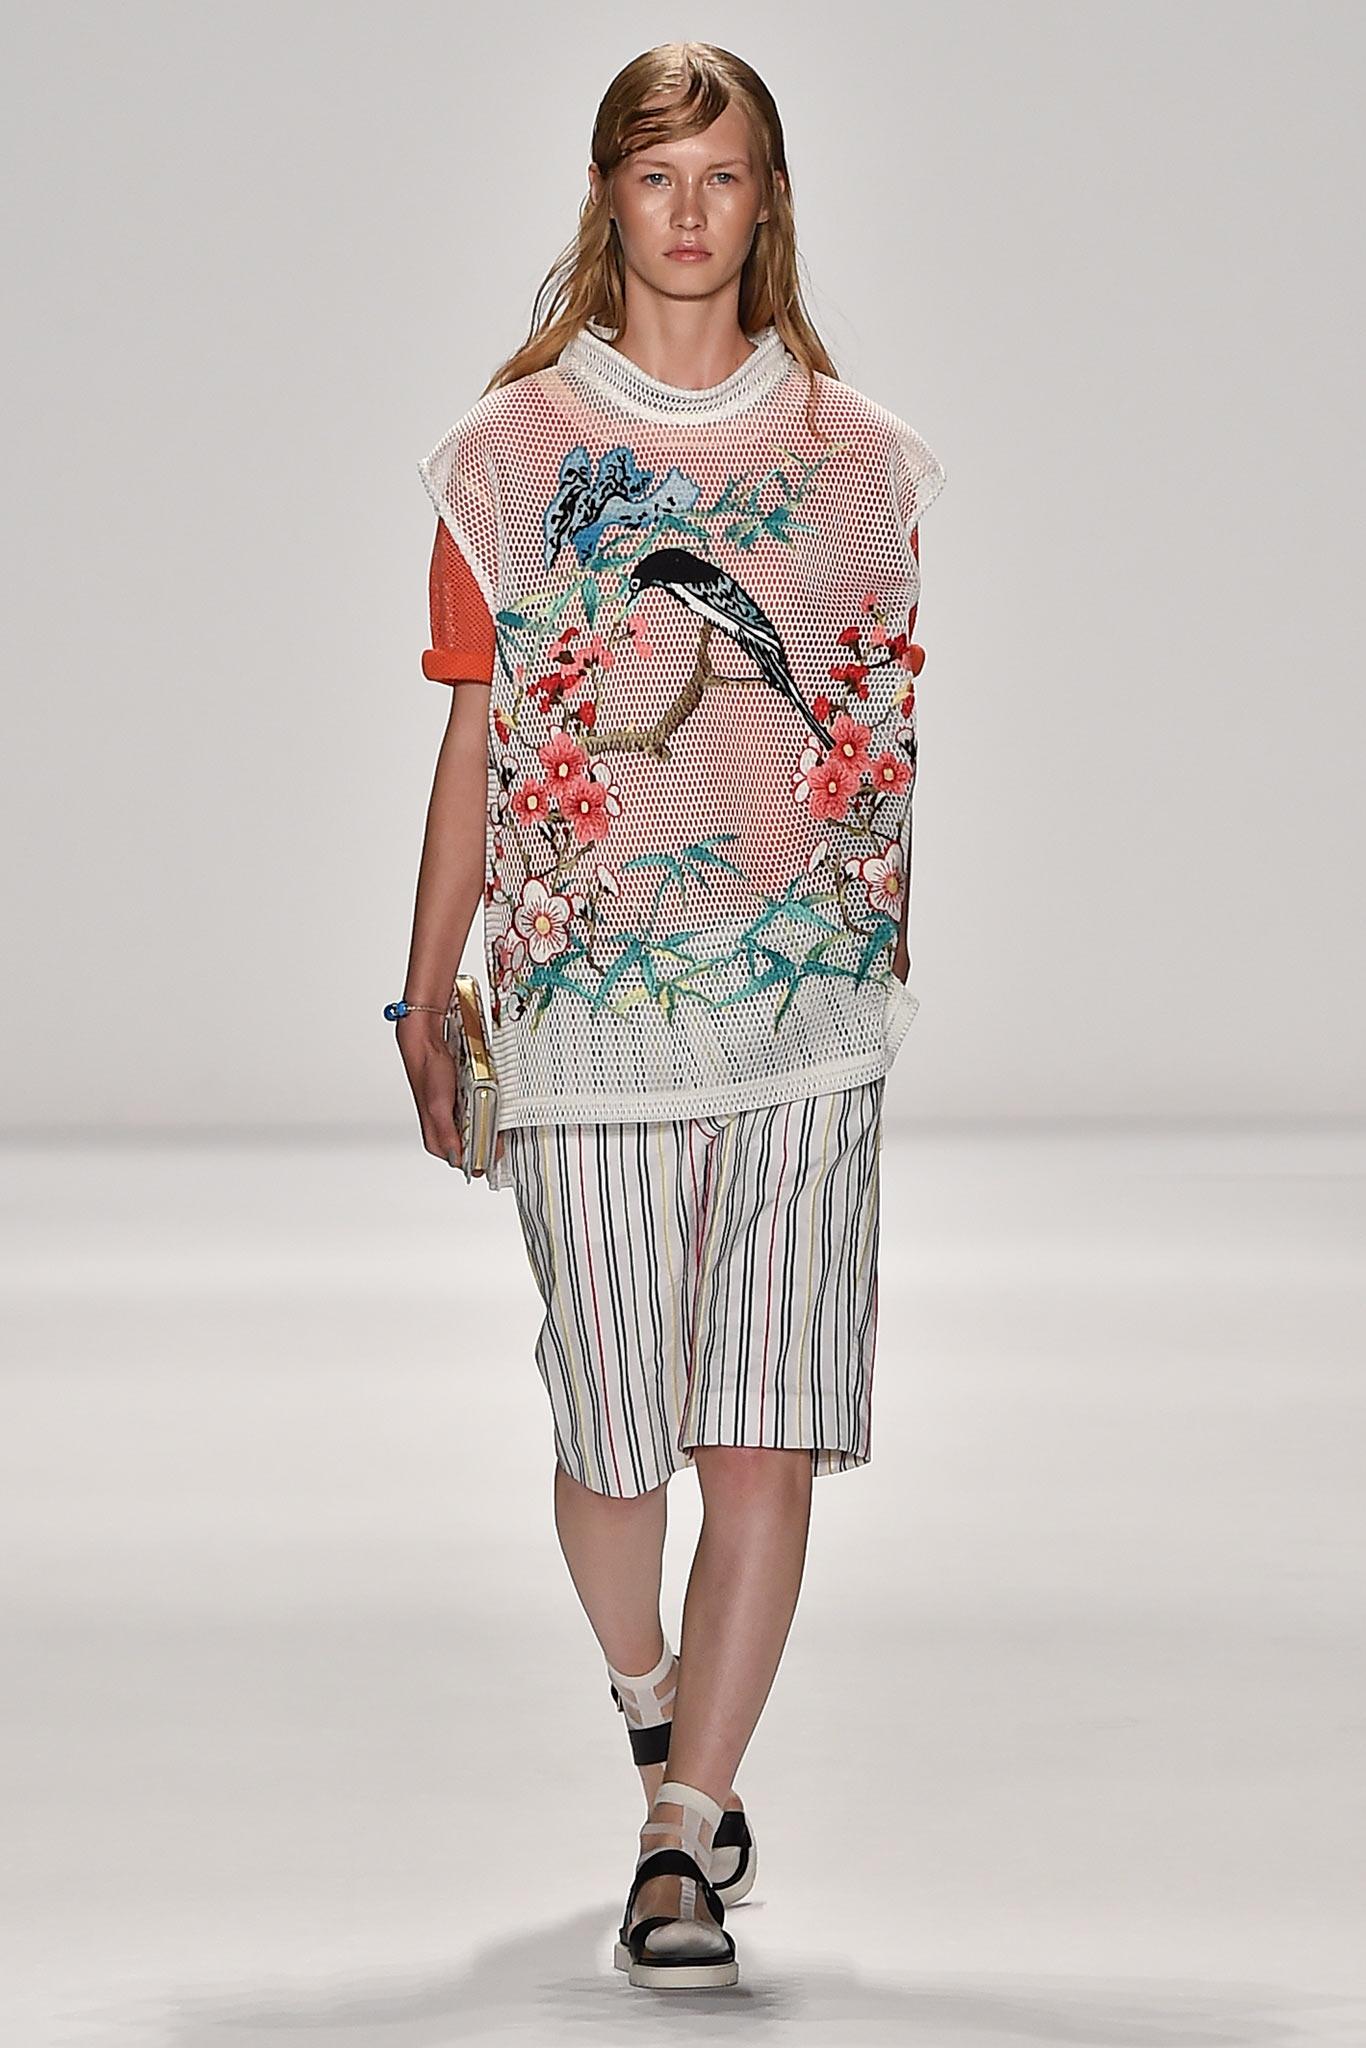 Vivienne Tam Самые модные принты наступающей весны